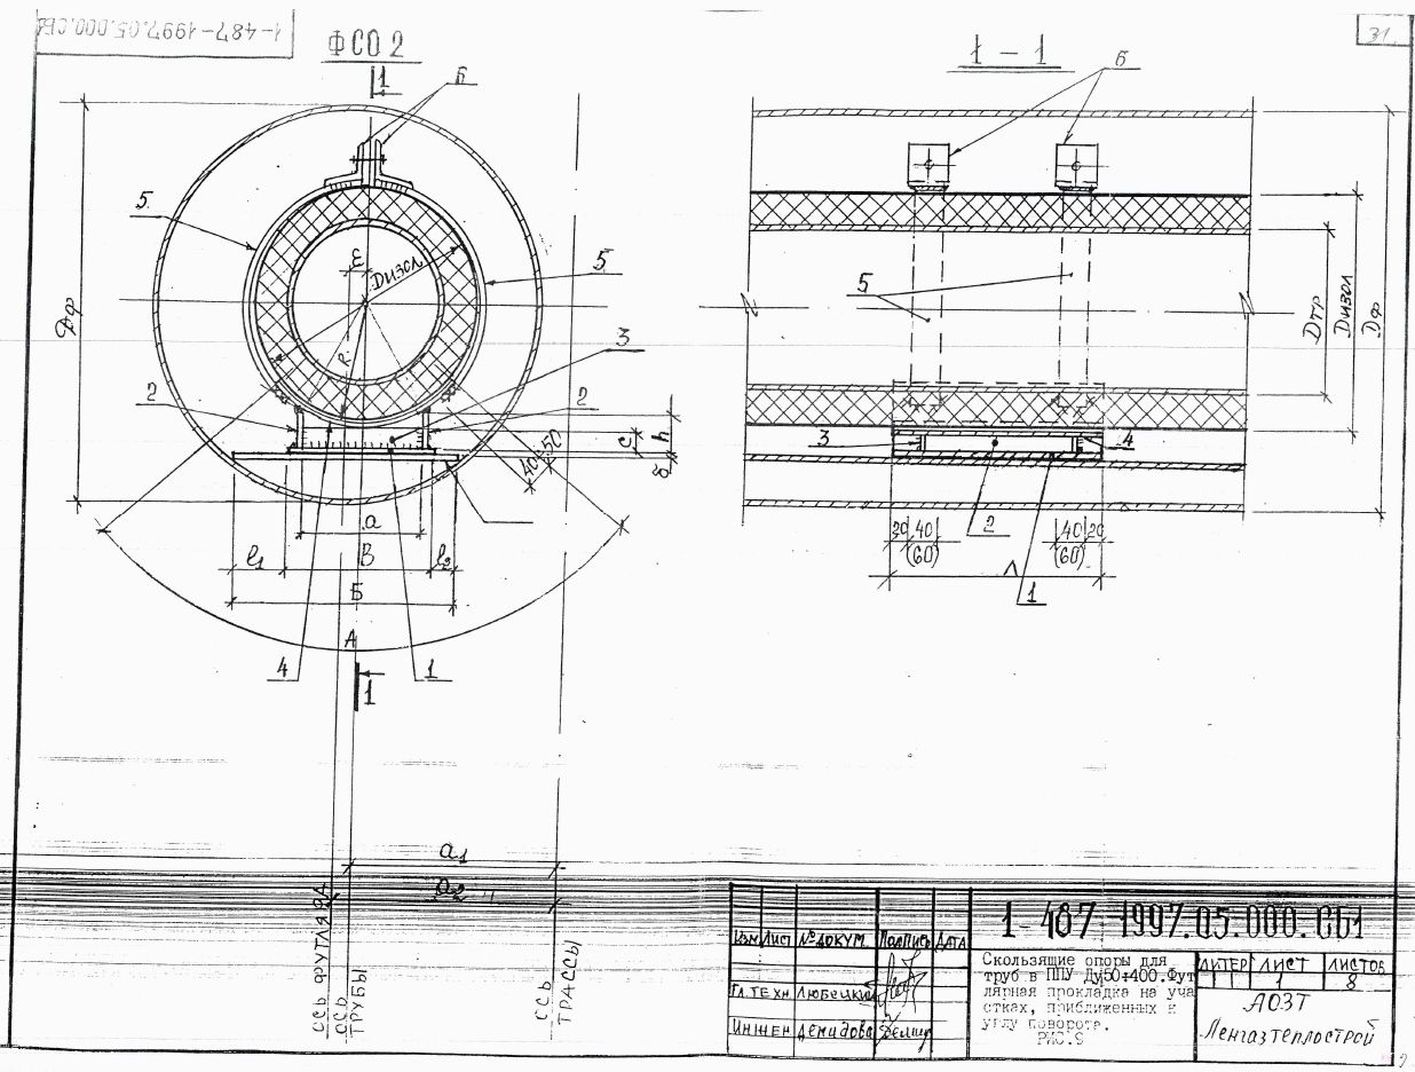 Опора ФСО2 ТД 1-487-1997.00.000 стр.1